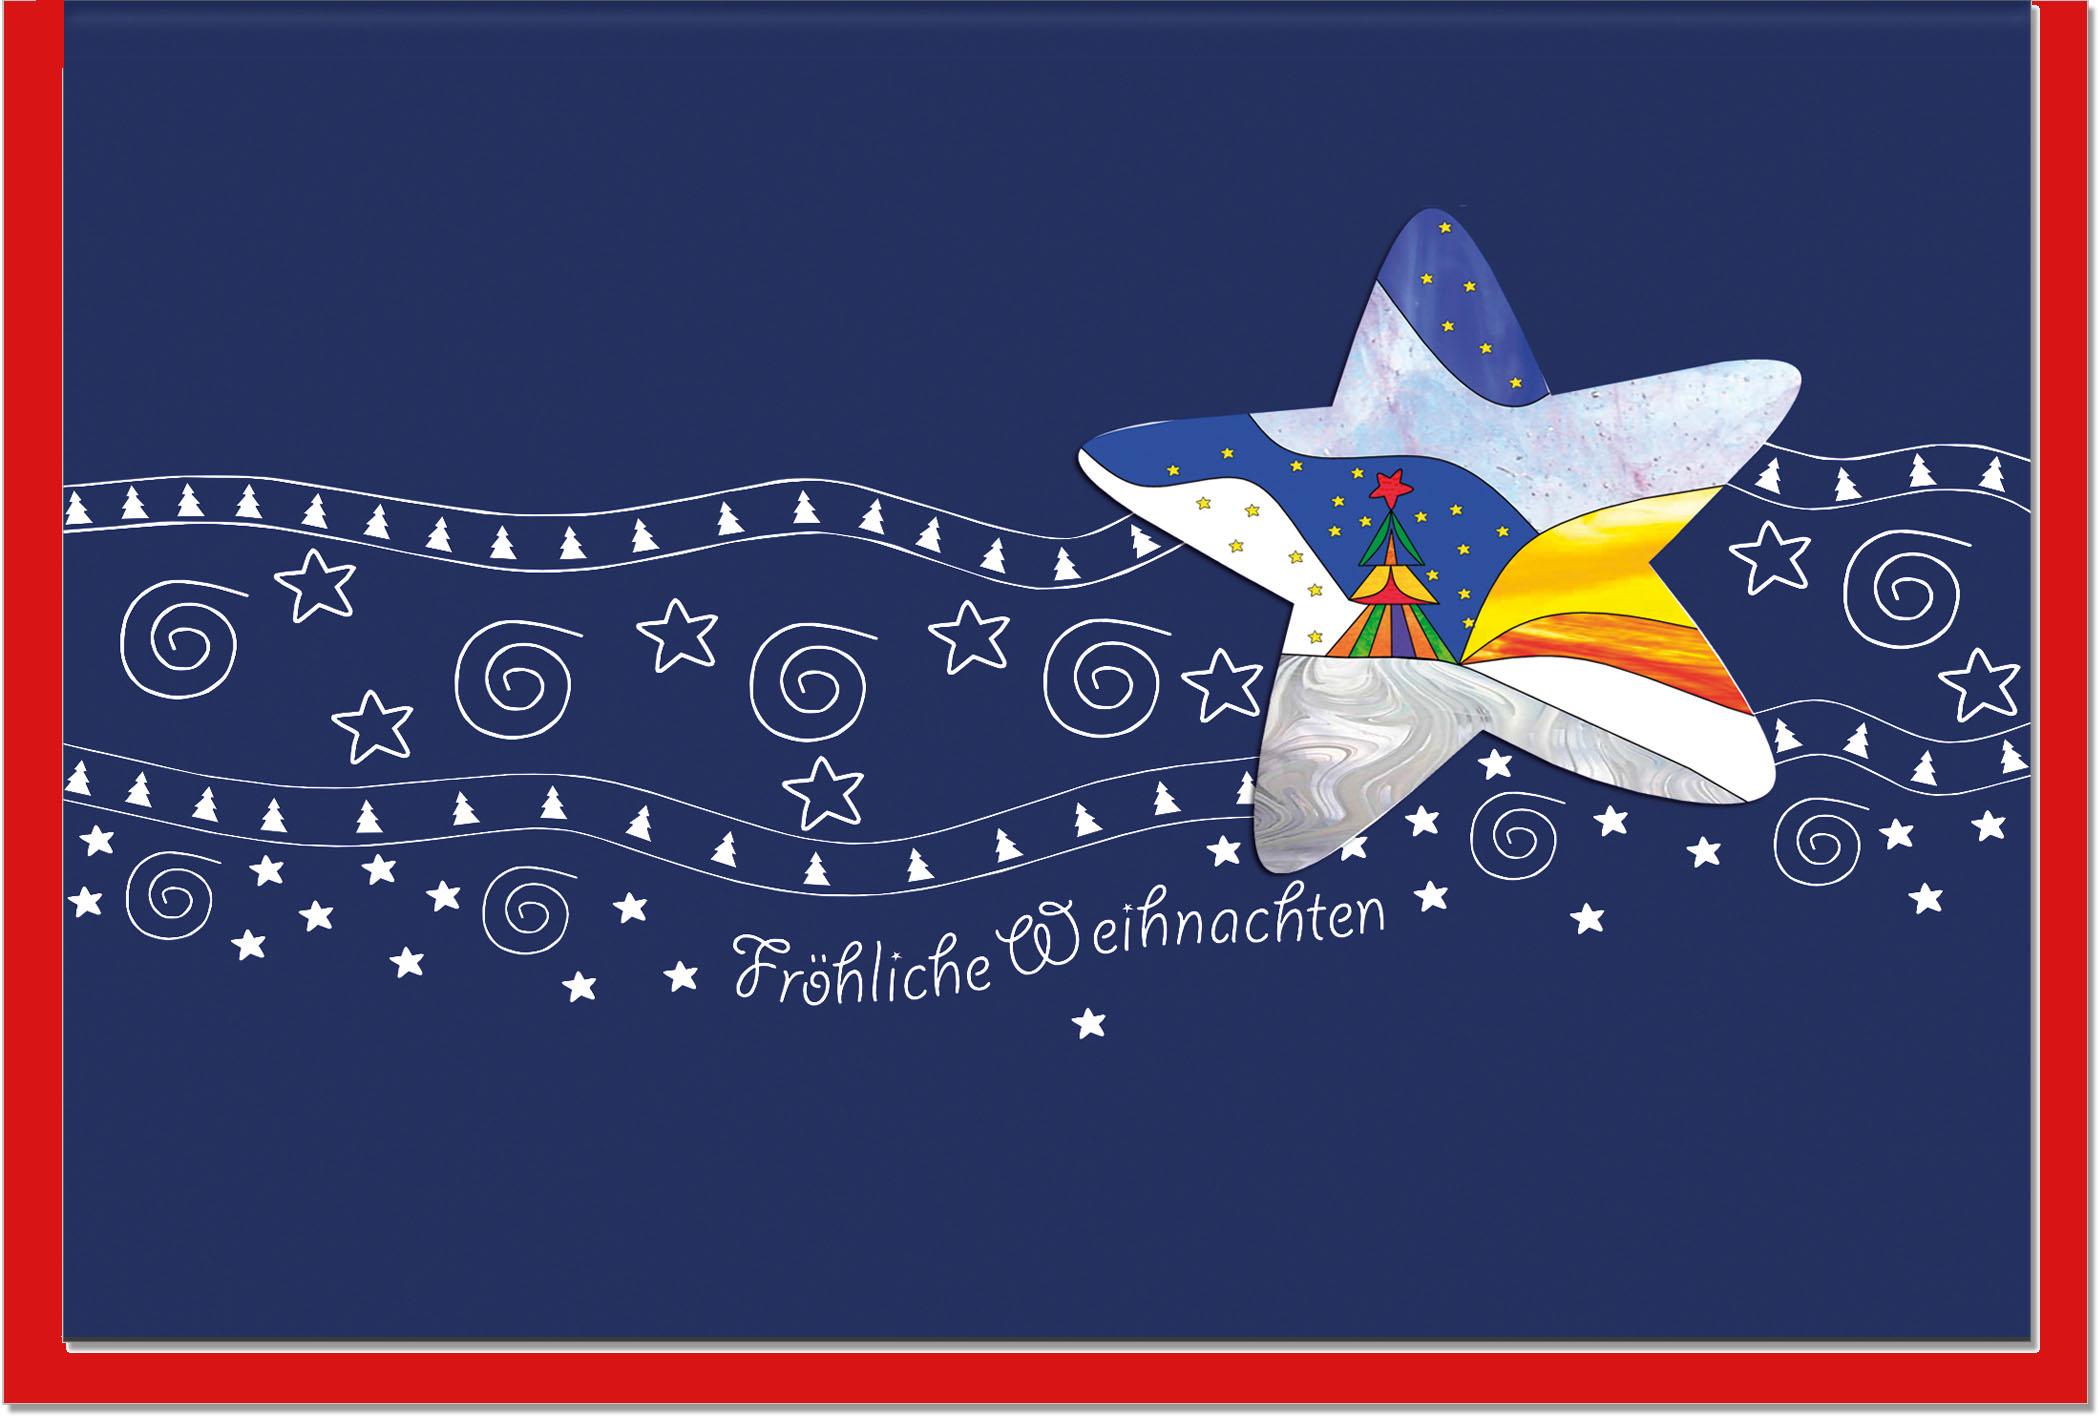 Bilder Weihnachtskarten.Weihnachtskarten Grußkarten Weihnachten Stern